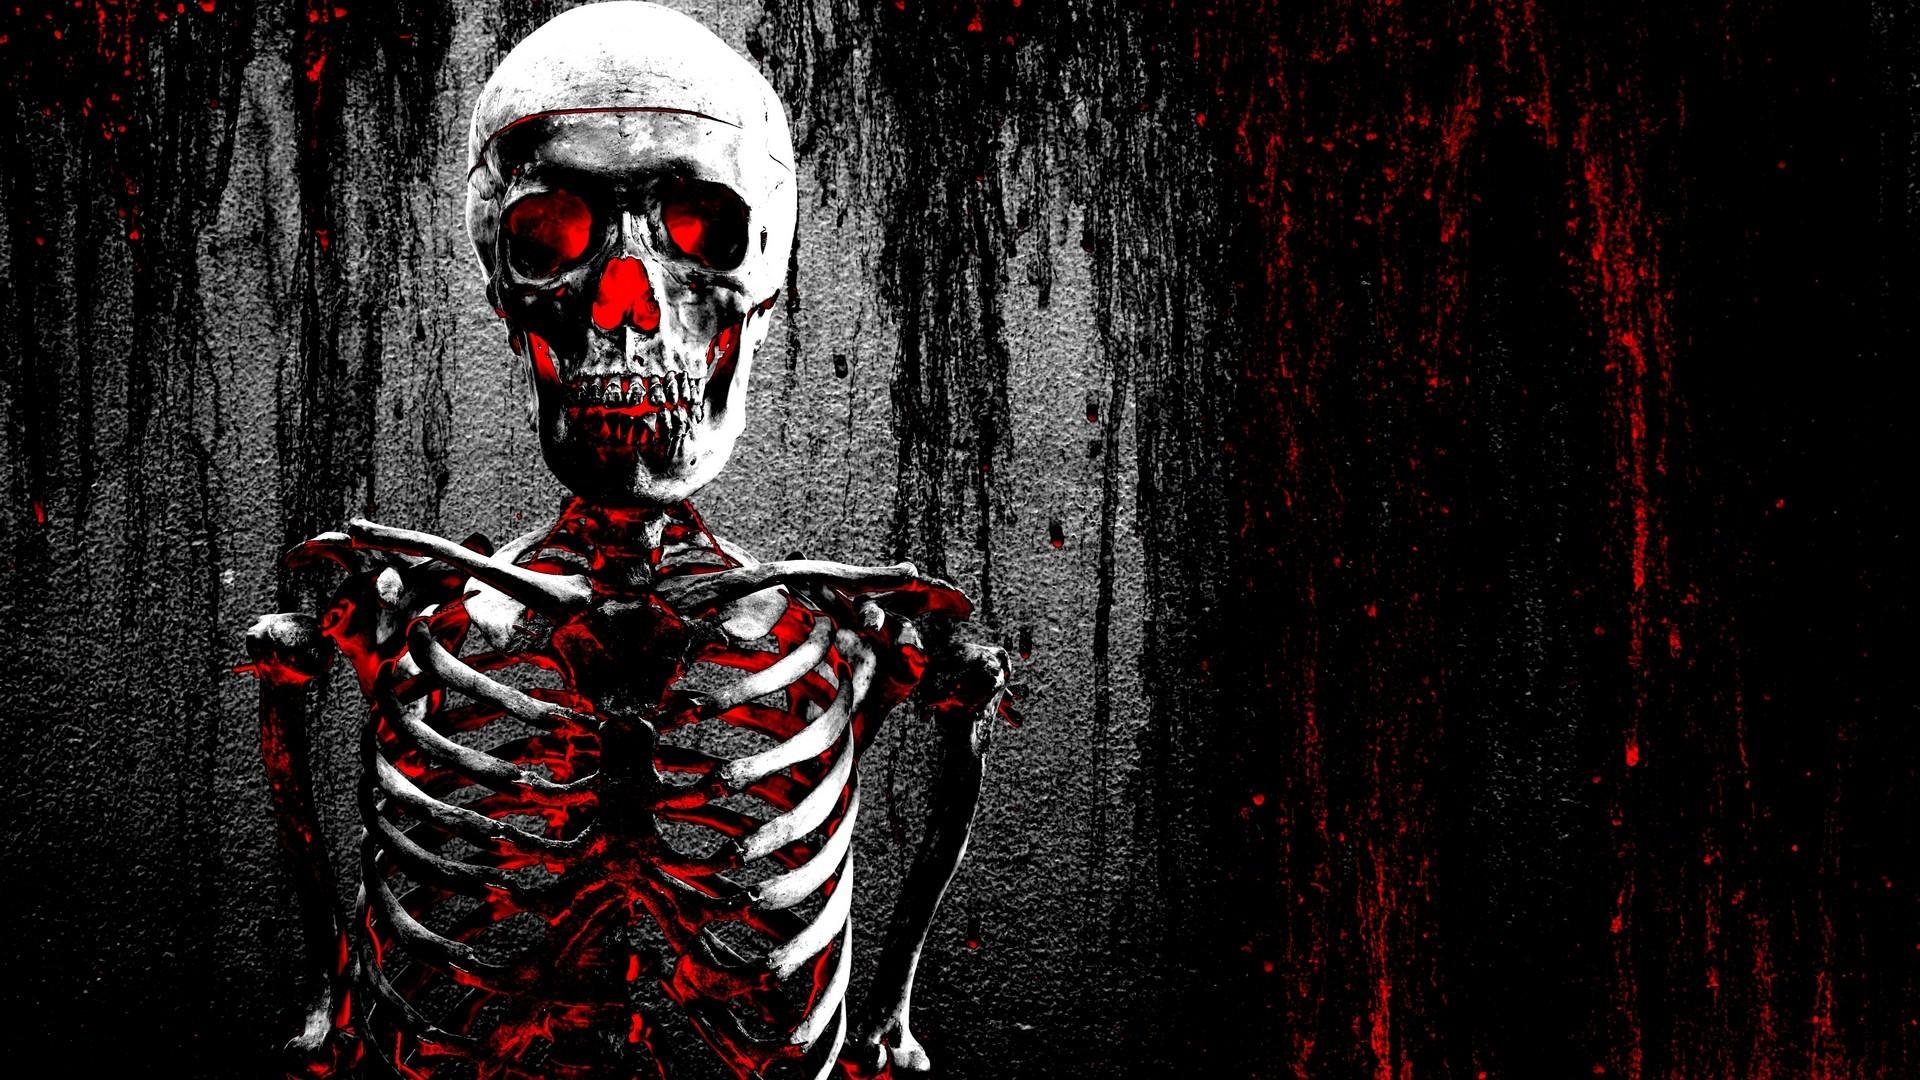 Skeleton wallpaper download free cool hd wallpapers for - Skeleton wallpaper ...